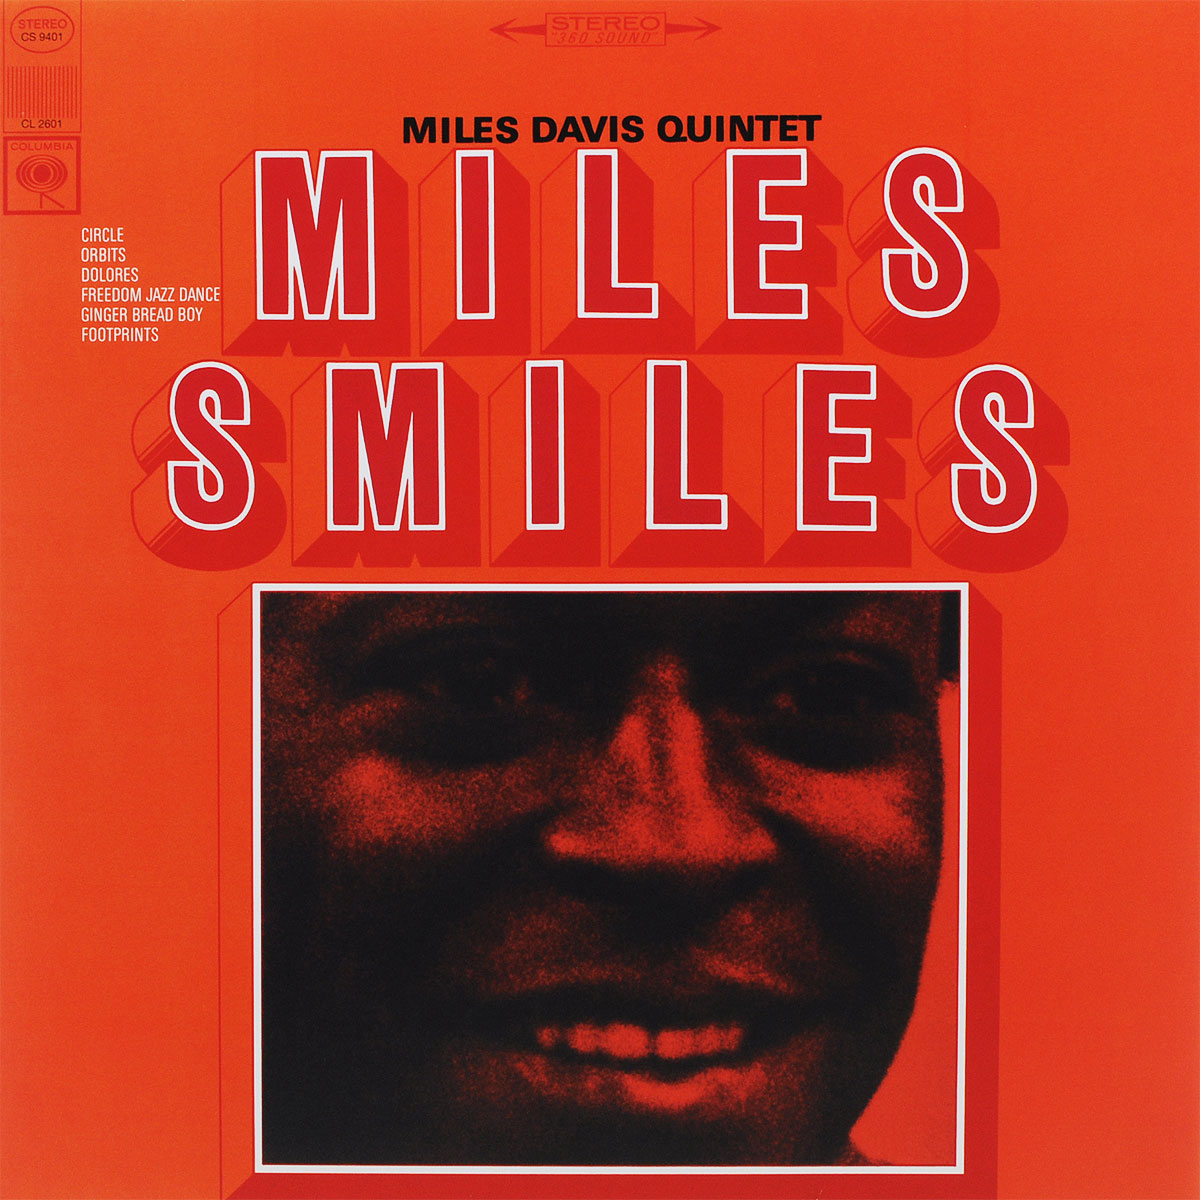 Майлз Дэвис,Miles Davis Quintet DAVIS, MILES -QUINTET- Miles Smiles -Hq- LP майлз дэвис davis miles nefertiti hq remast lp